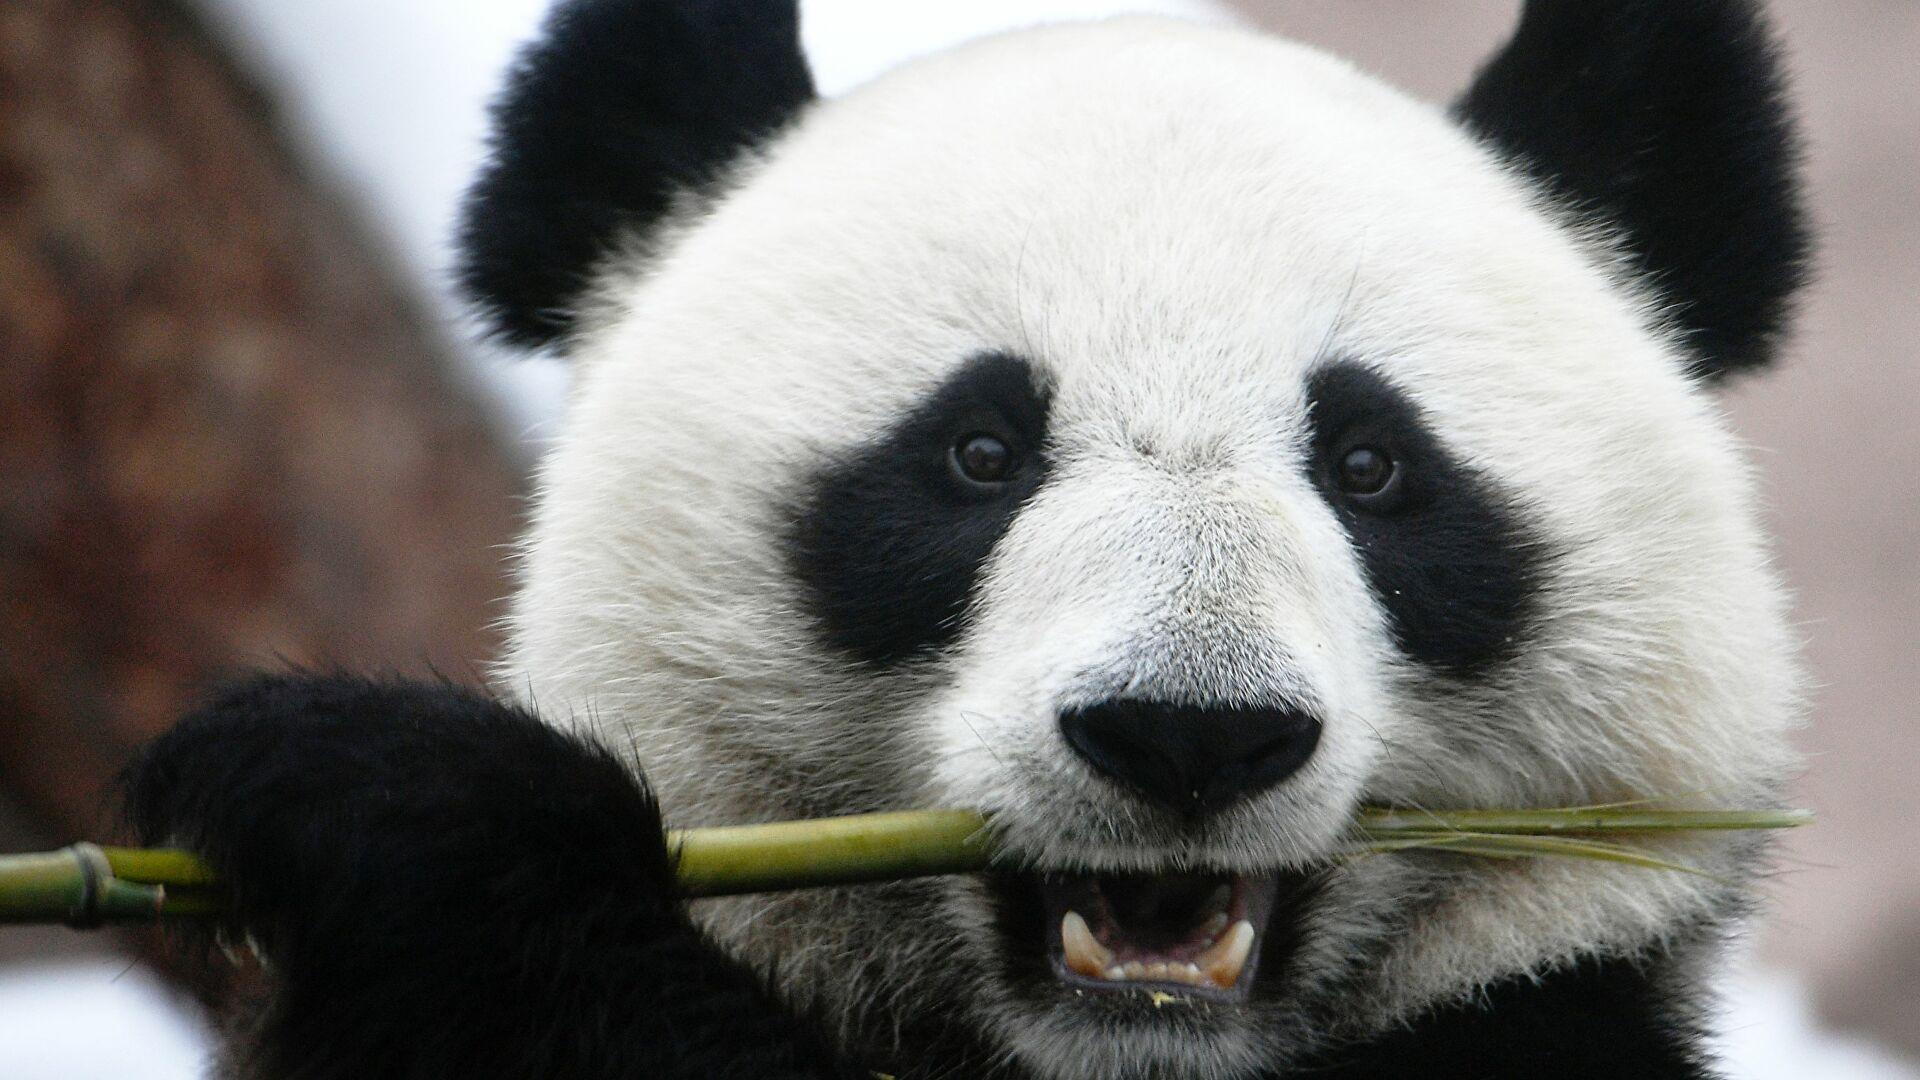 China afirma que los osos panda gigantes ya no están en peligro de extinción